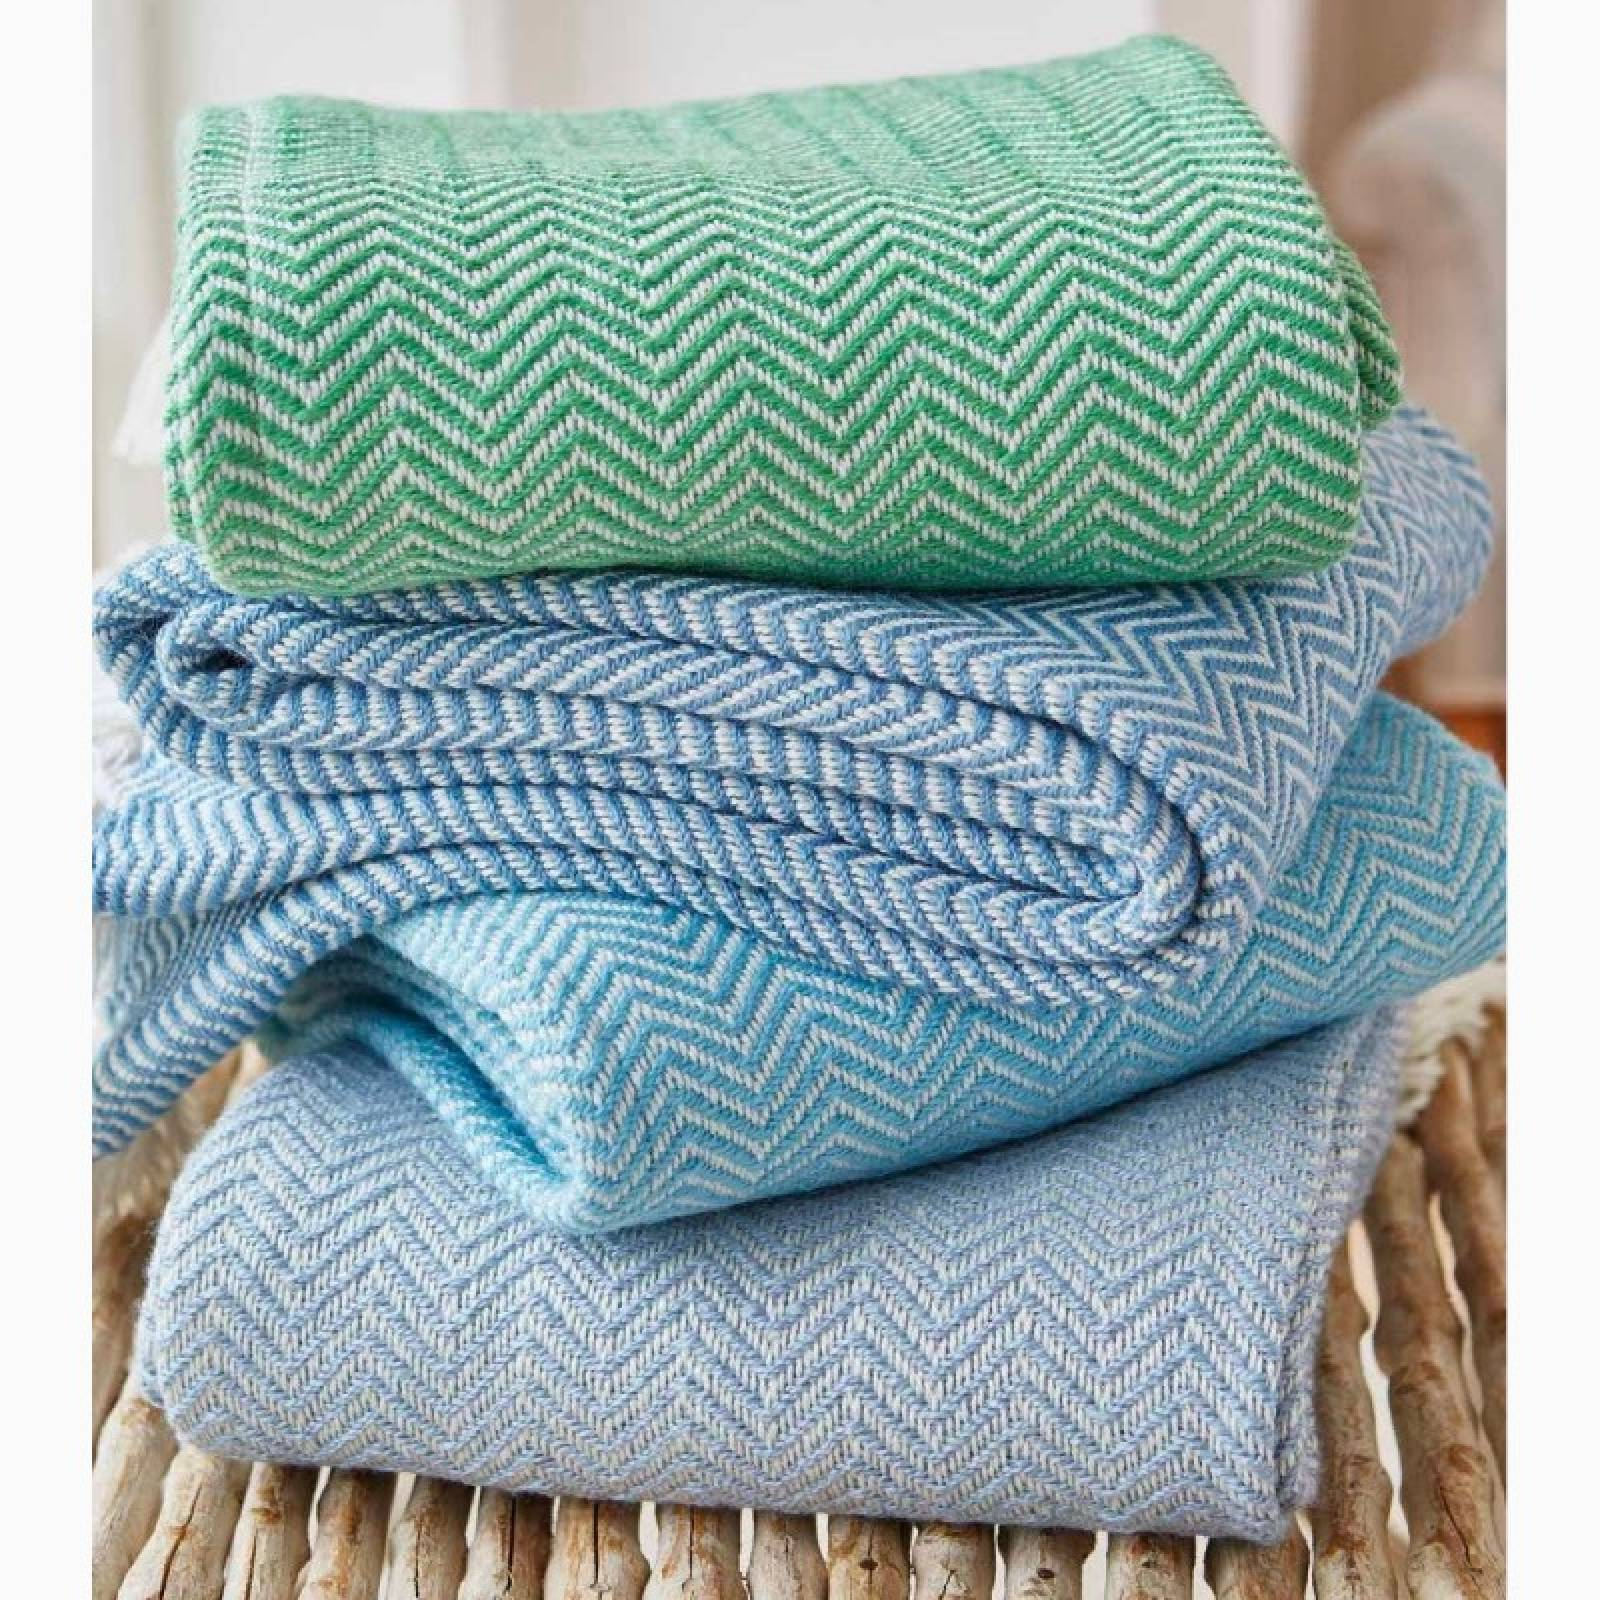 Azure Herringbone Blanket - Made From Recycled Plastic Bottles thumbnails